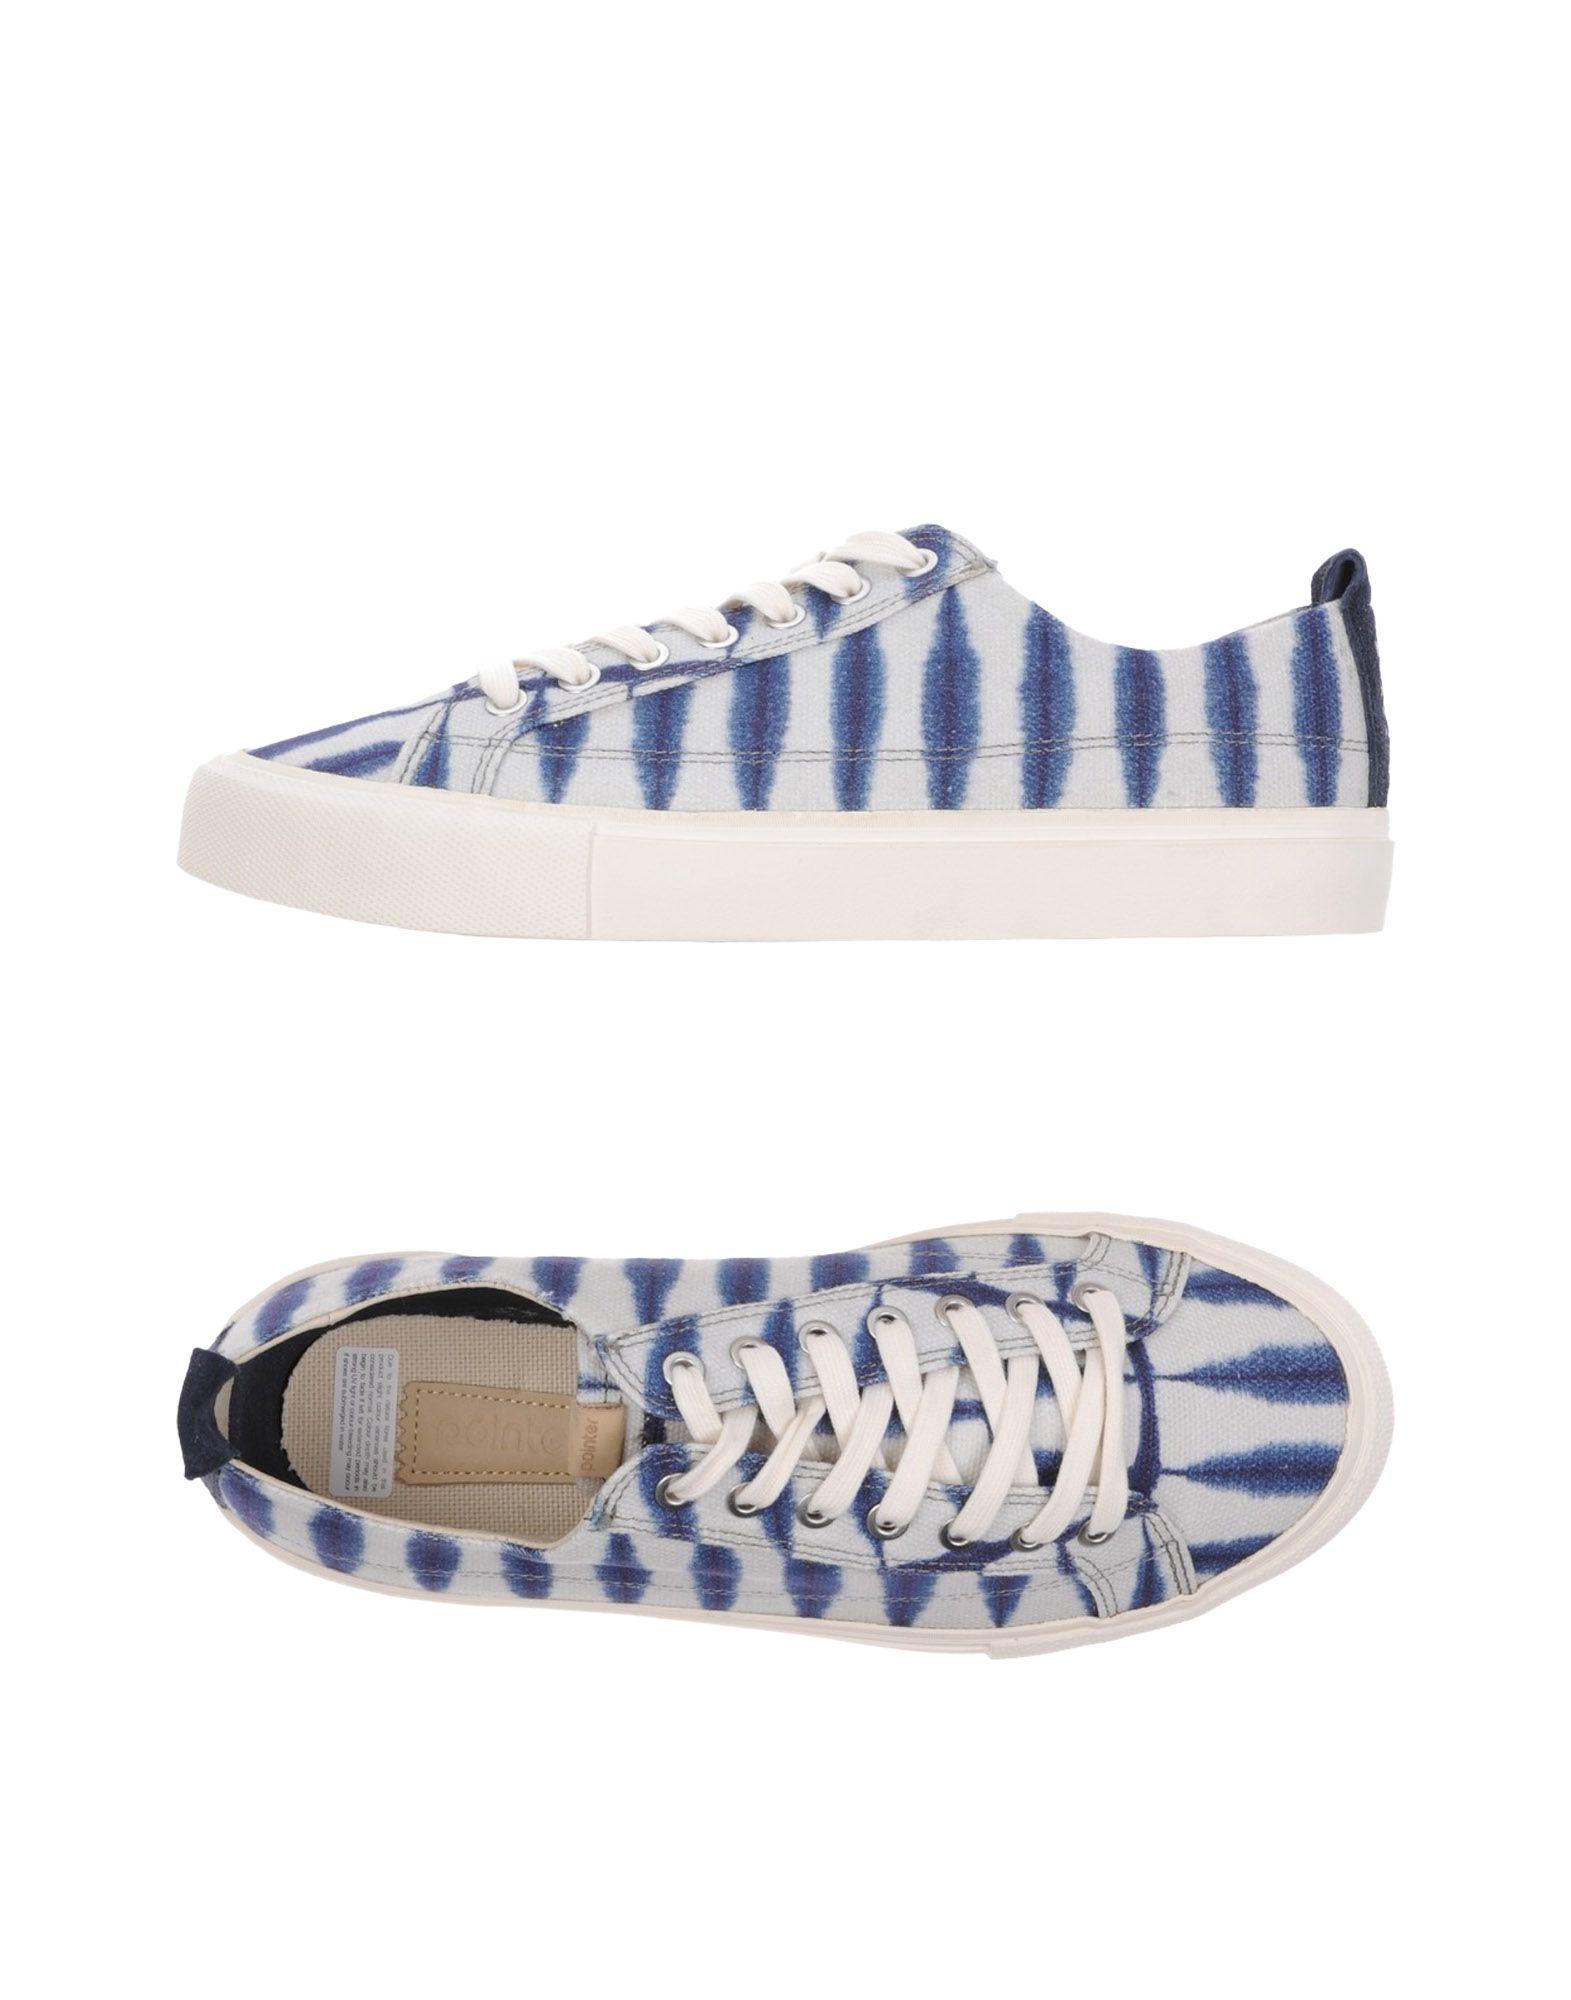 《送料無料》POINTER メンズ スニーカー&テニスシューズ(ローカット) ブルー 8 革 / 紡績繊維